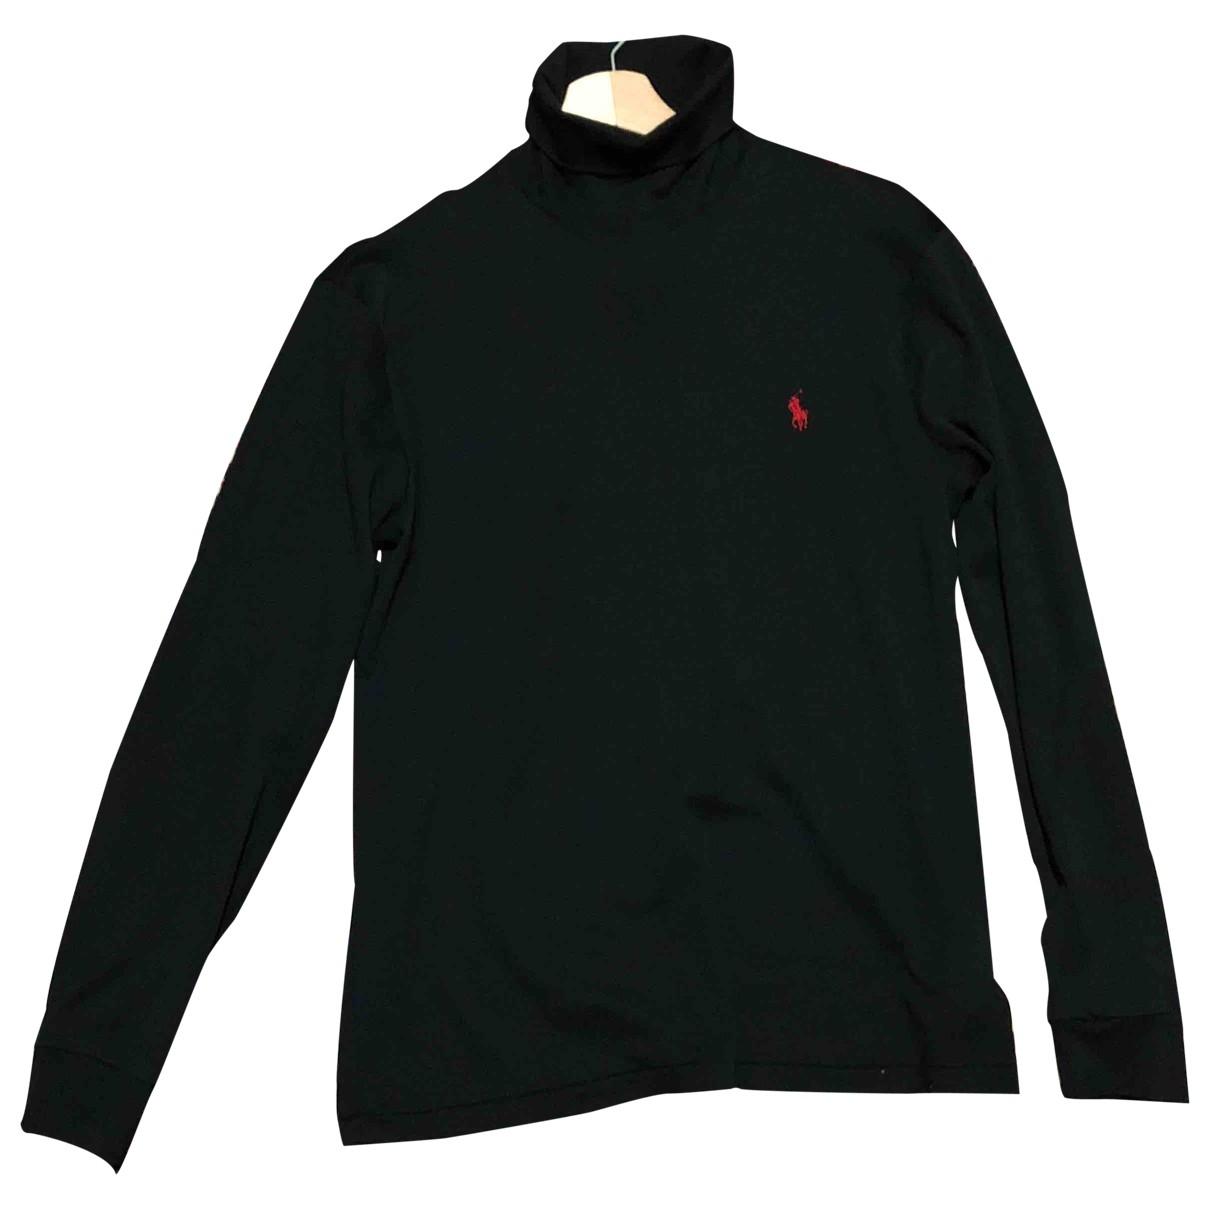 Polo Ralph Lauren \N Black Cotton Knitwear & Sweatshirts for Men S International